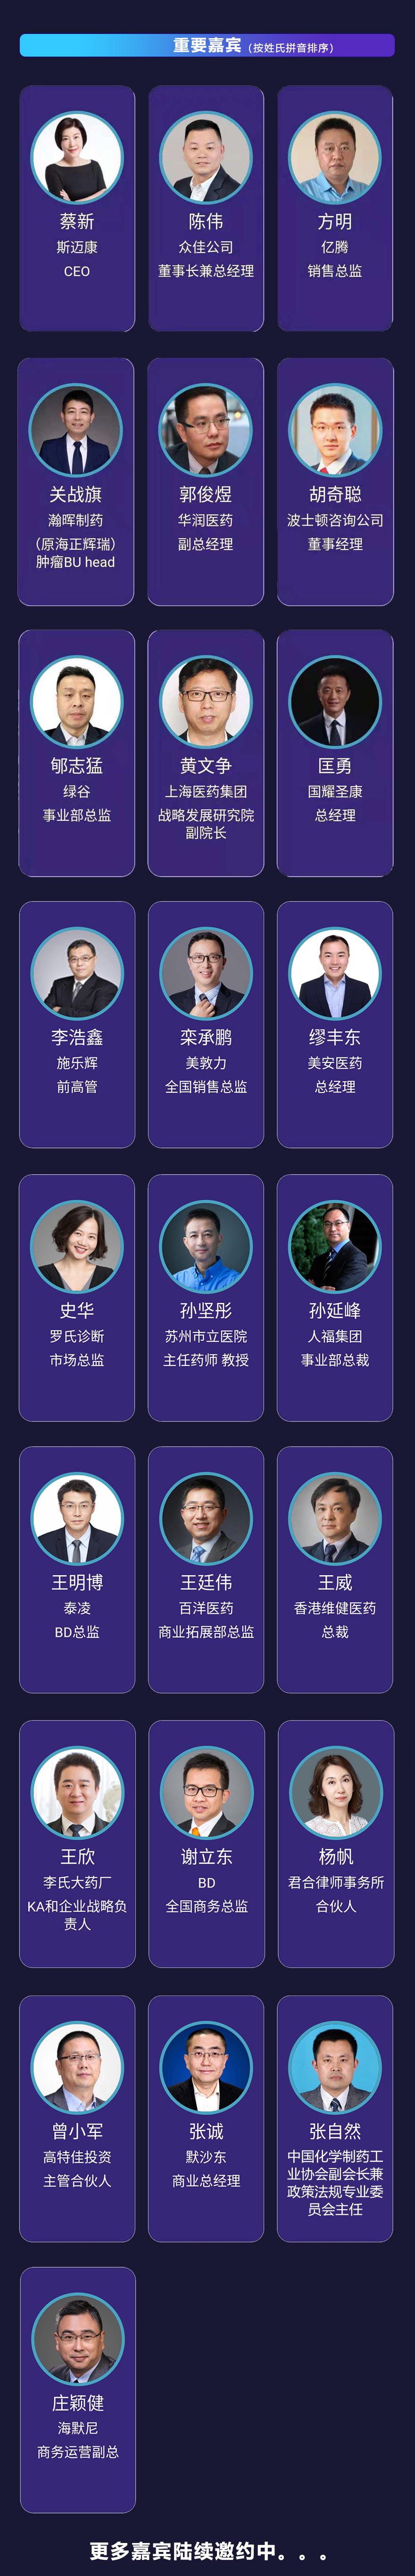 """2018医药商业创新年会—— """"一致性评价后市场新格局"""""""